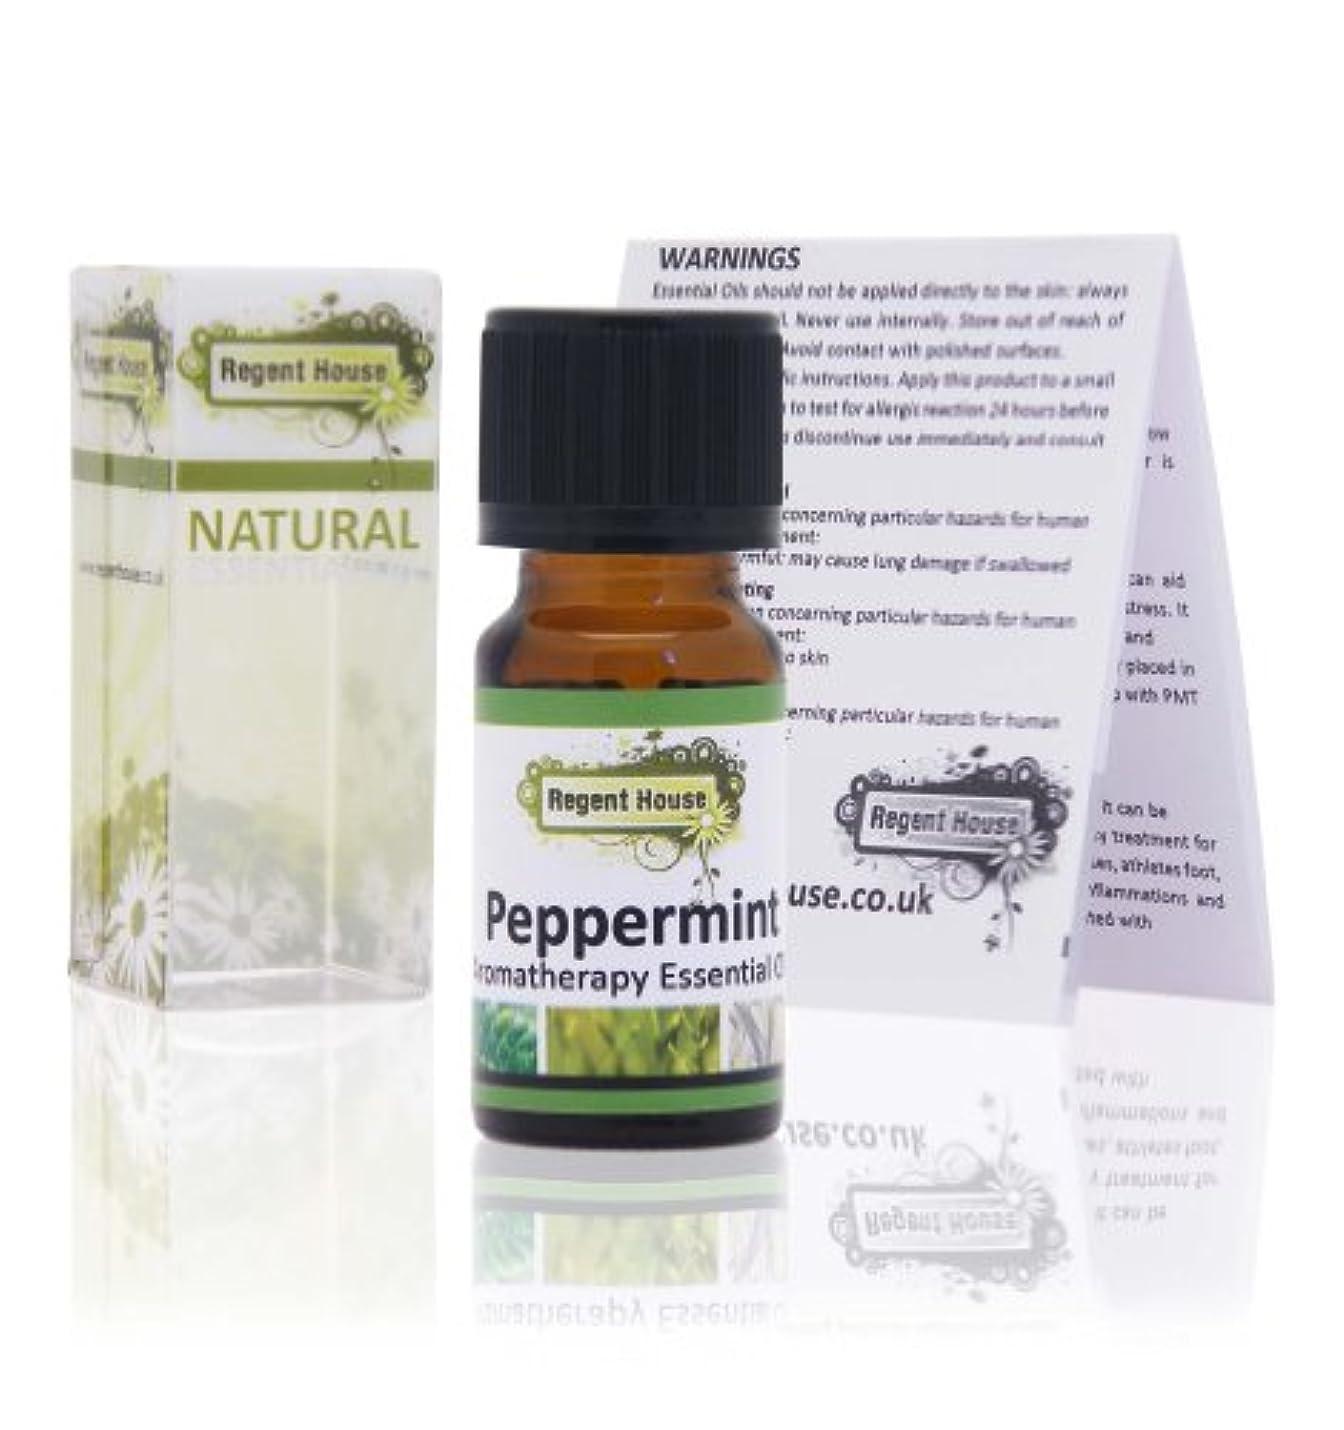 ナチュラルエッセンシャルオイル ペパーミント(Peppermint)